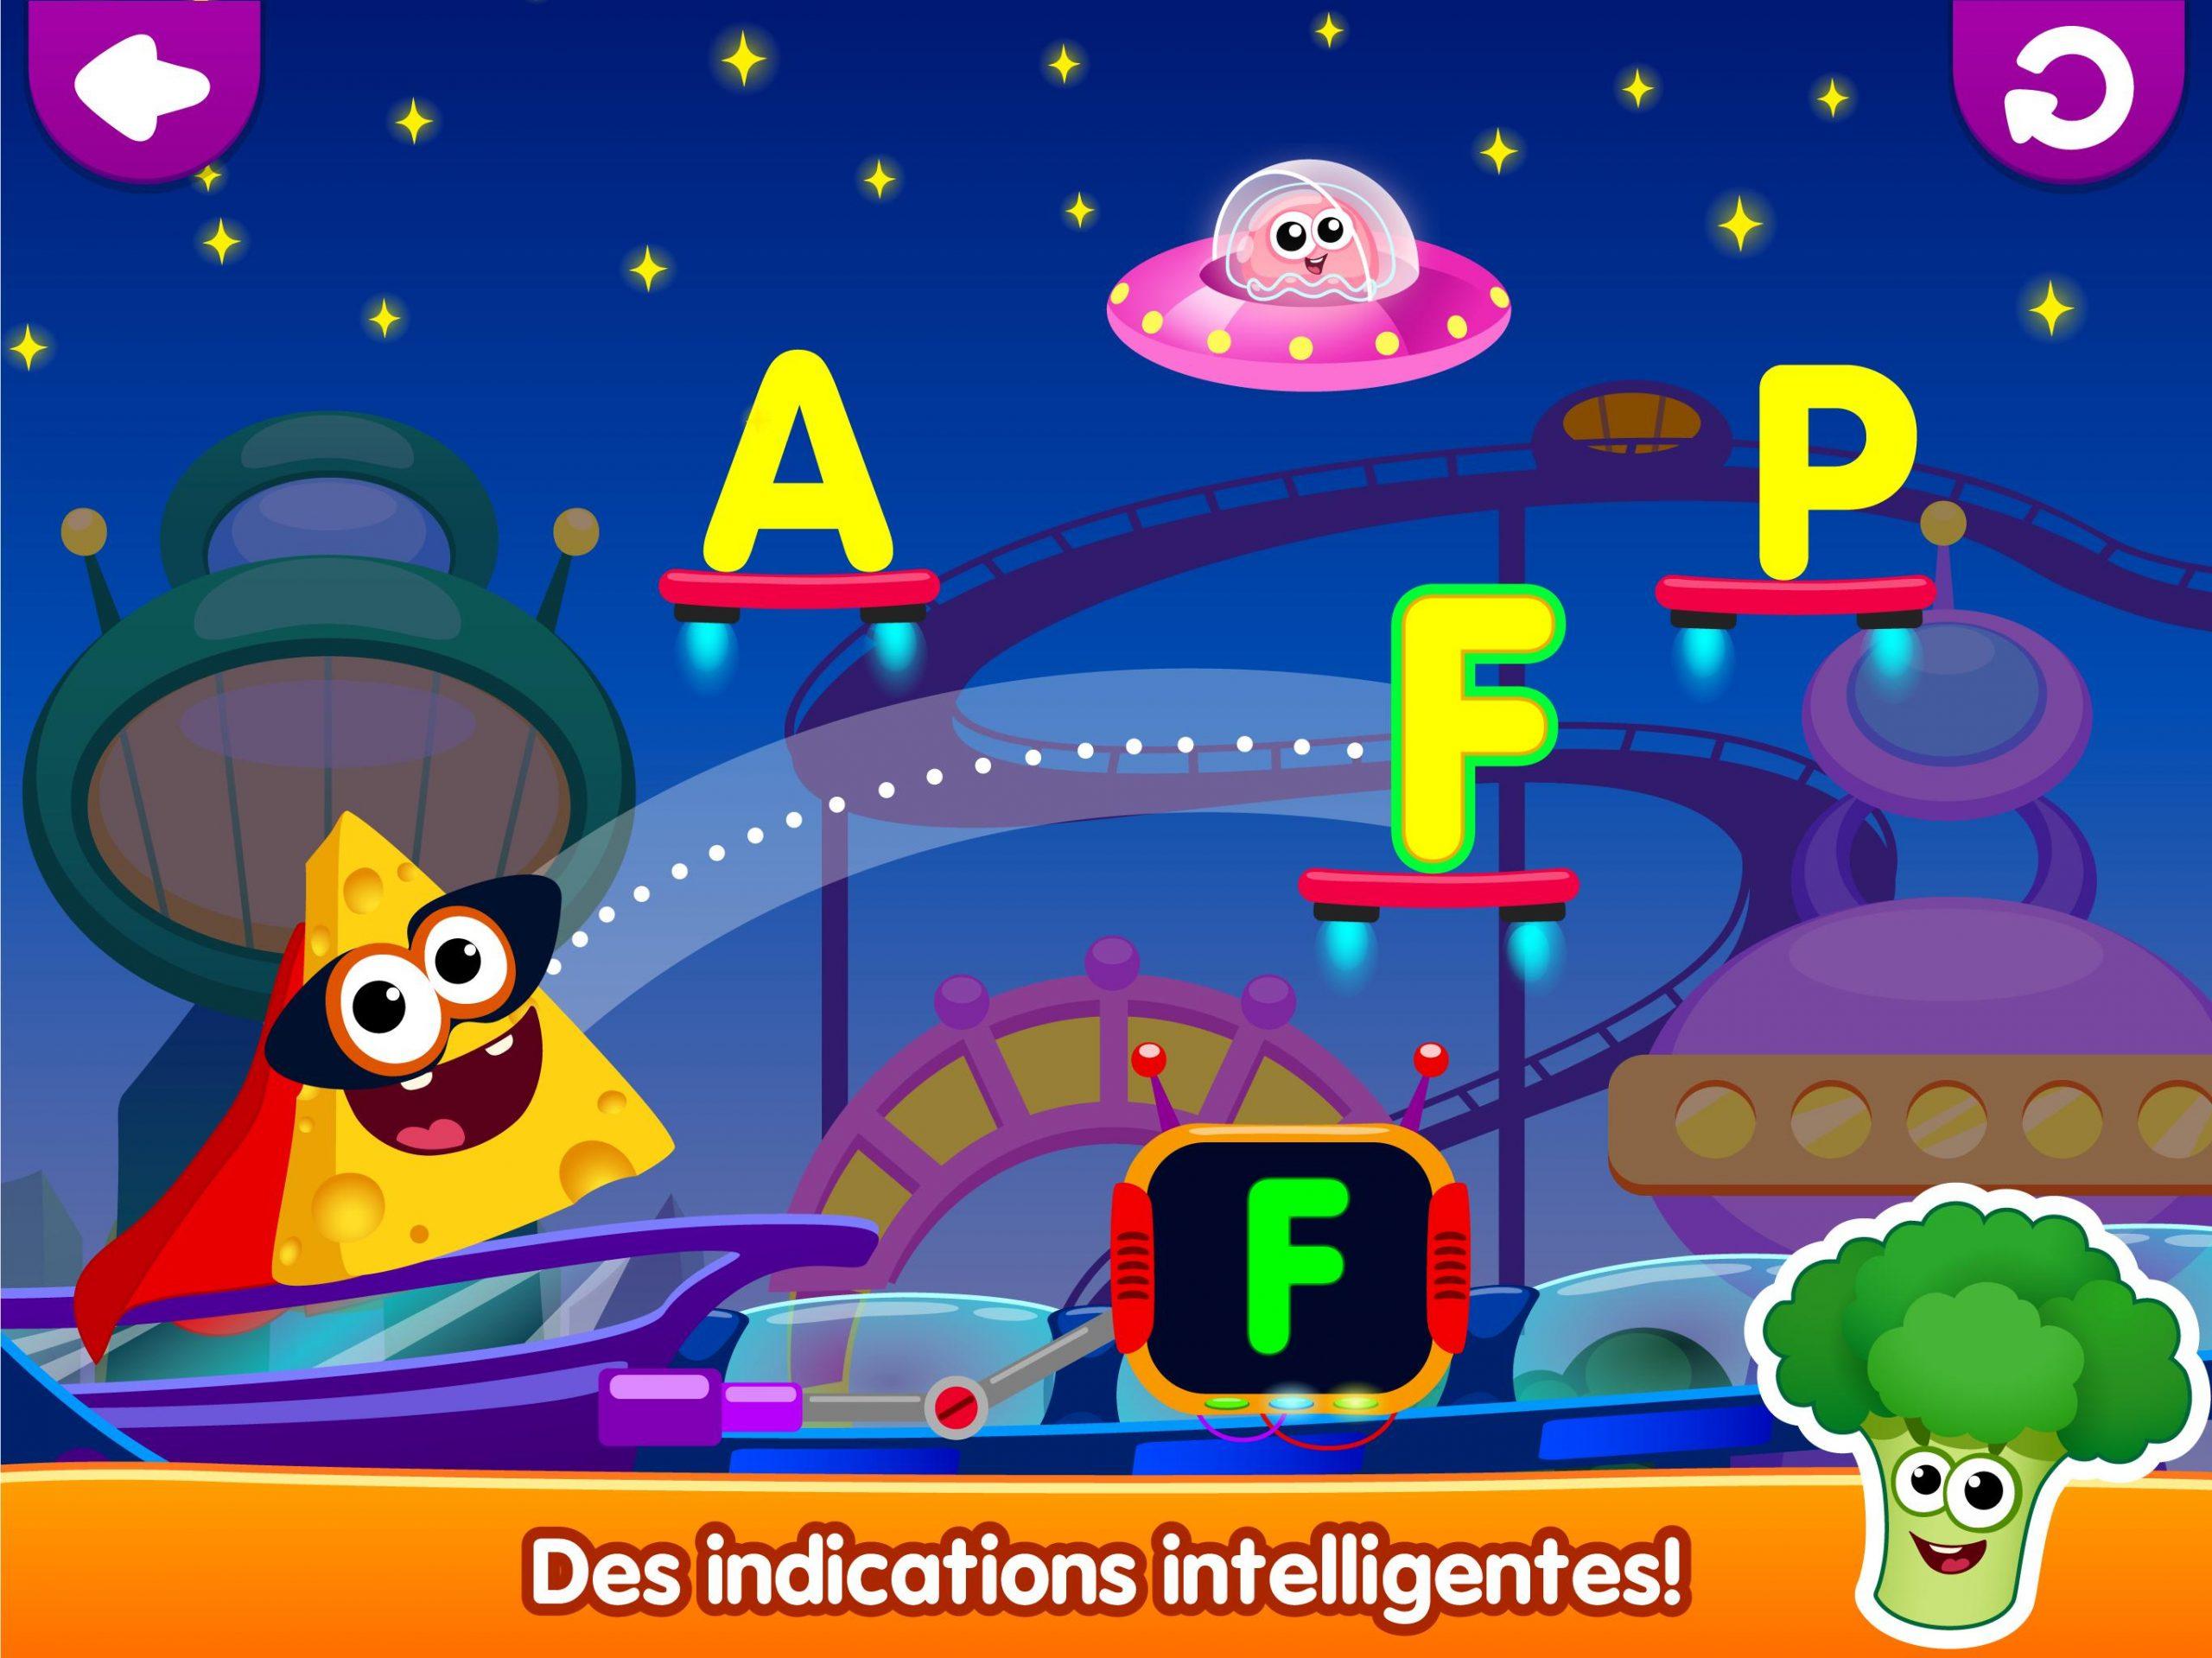 Drôle De Nourriture🥦 Jeux De Lettres Pour Enfants Pour avec Jeux De Lettres Enfants